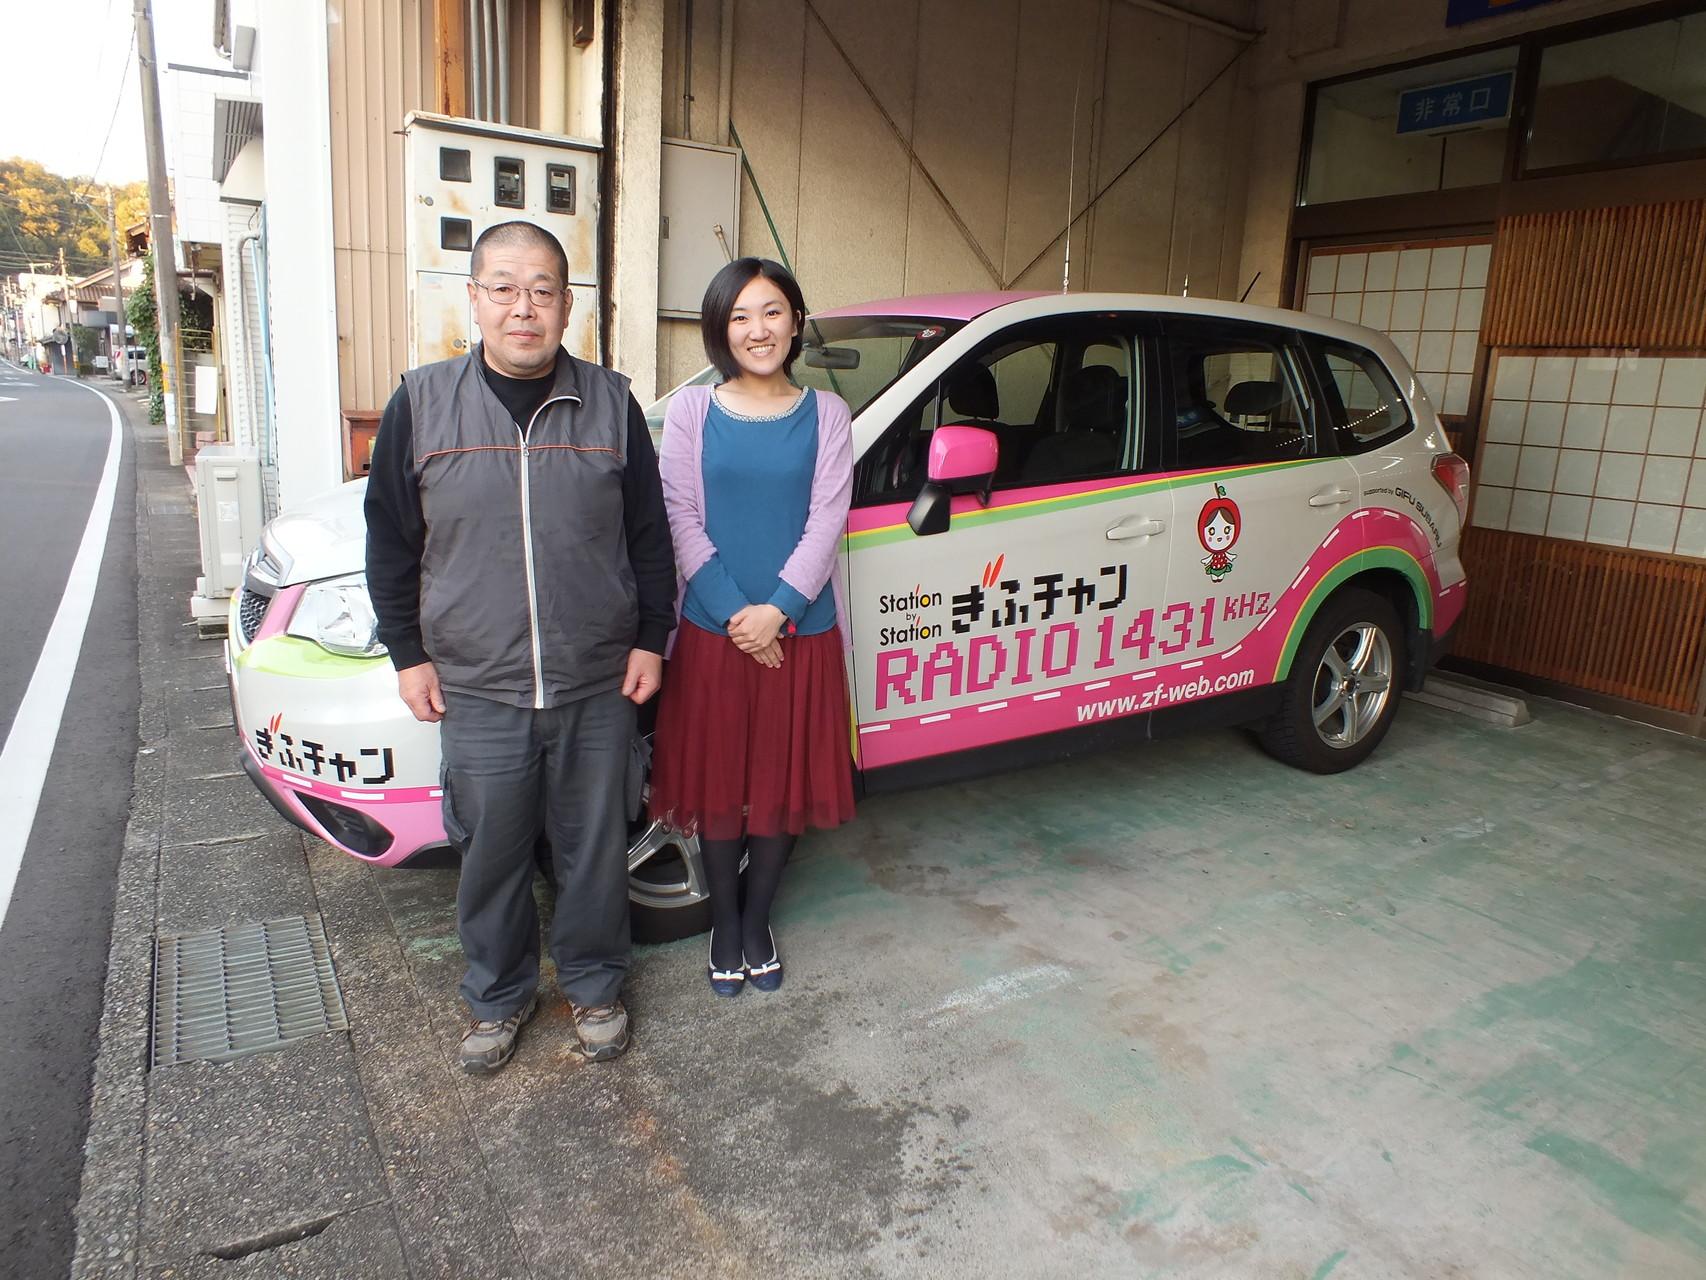 ぎふチャンラジオで桐箪笥の修理を生でラジオ出演し紹介してもらいました。